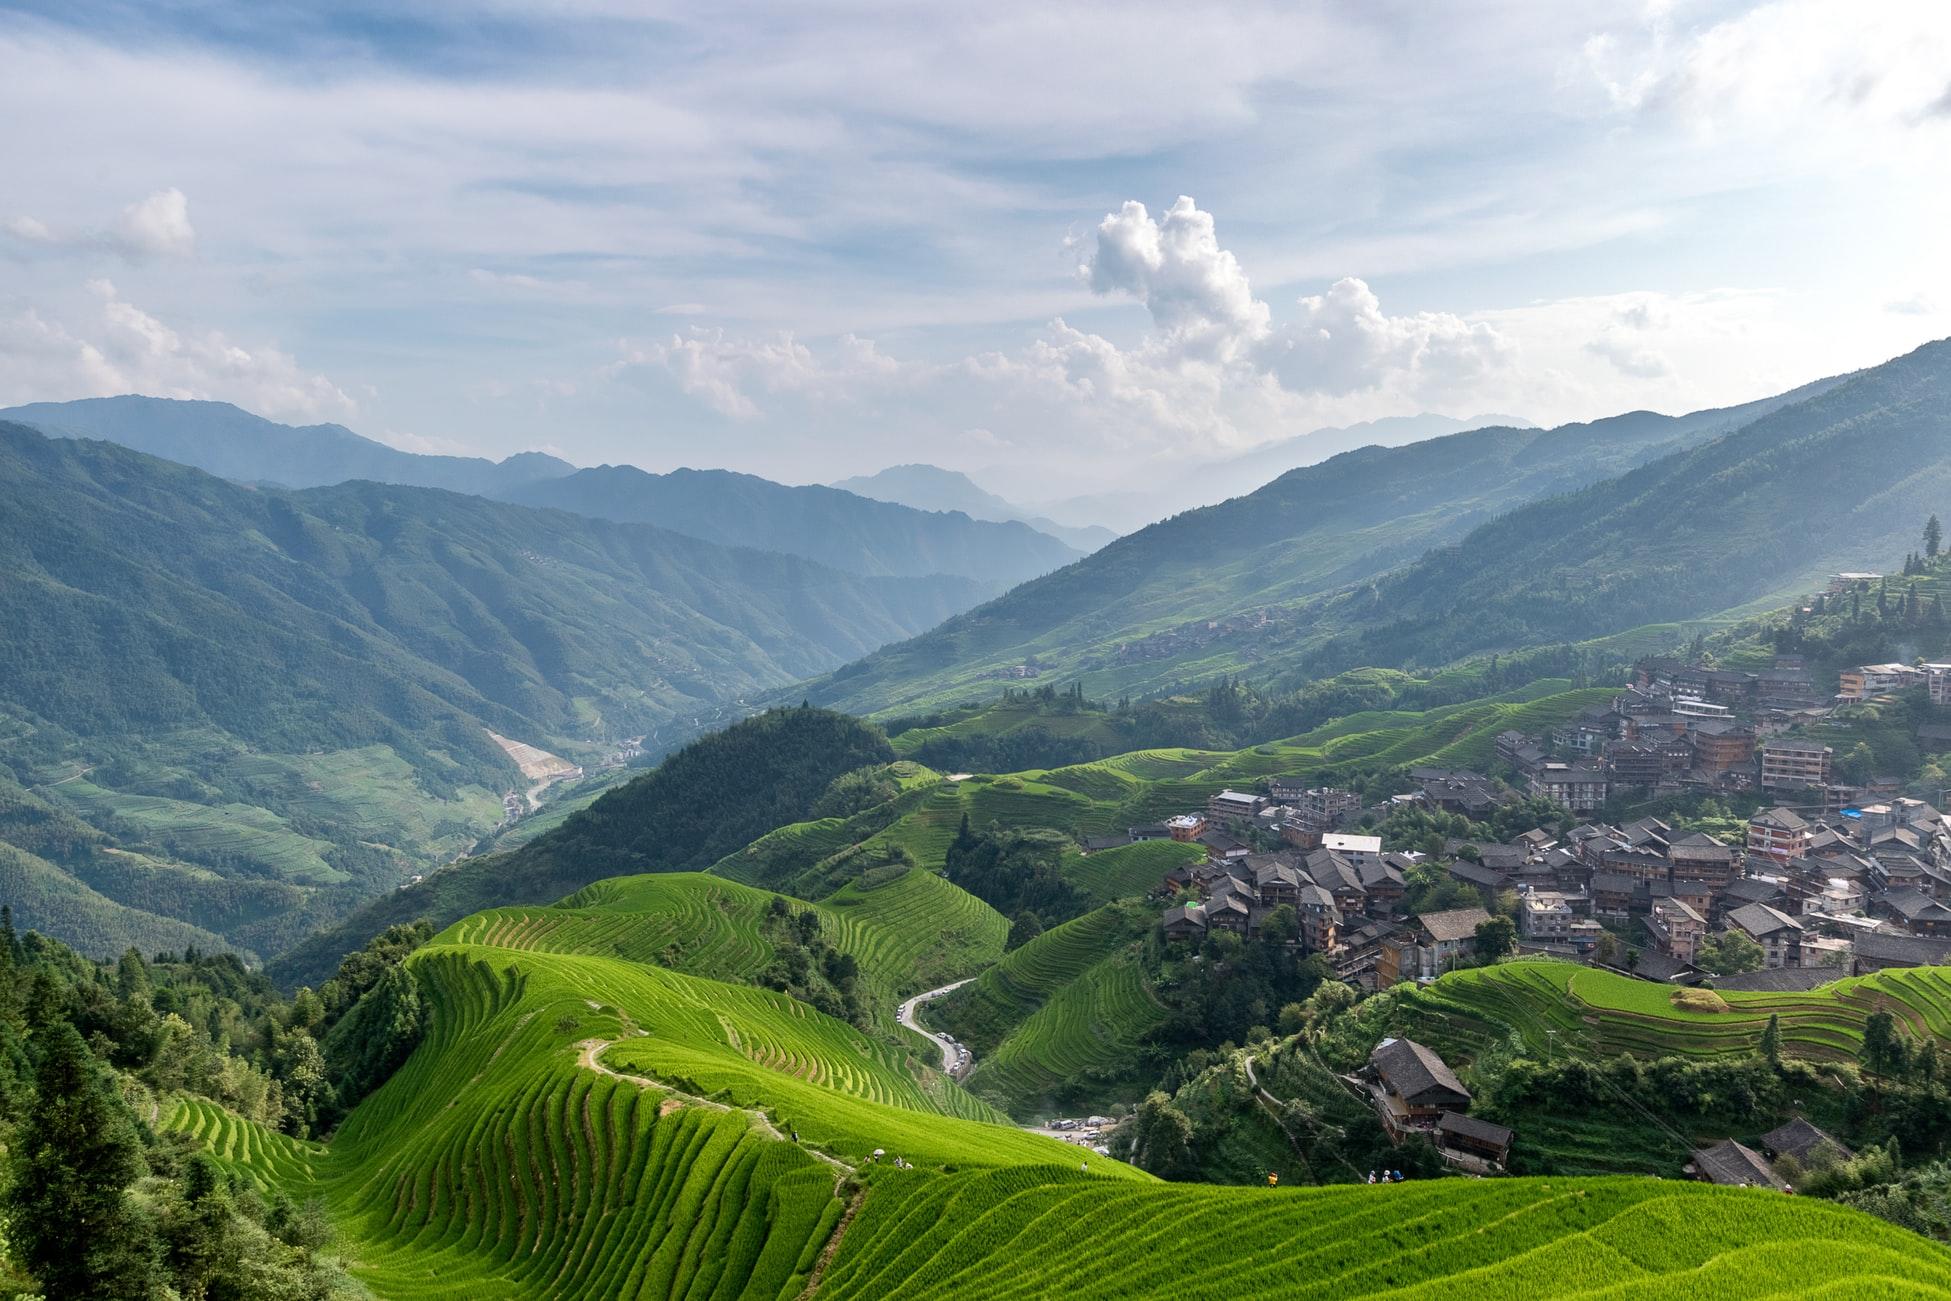 Le risaie di Longji nei pressi di Guilin